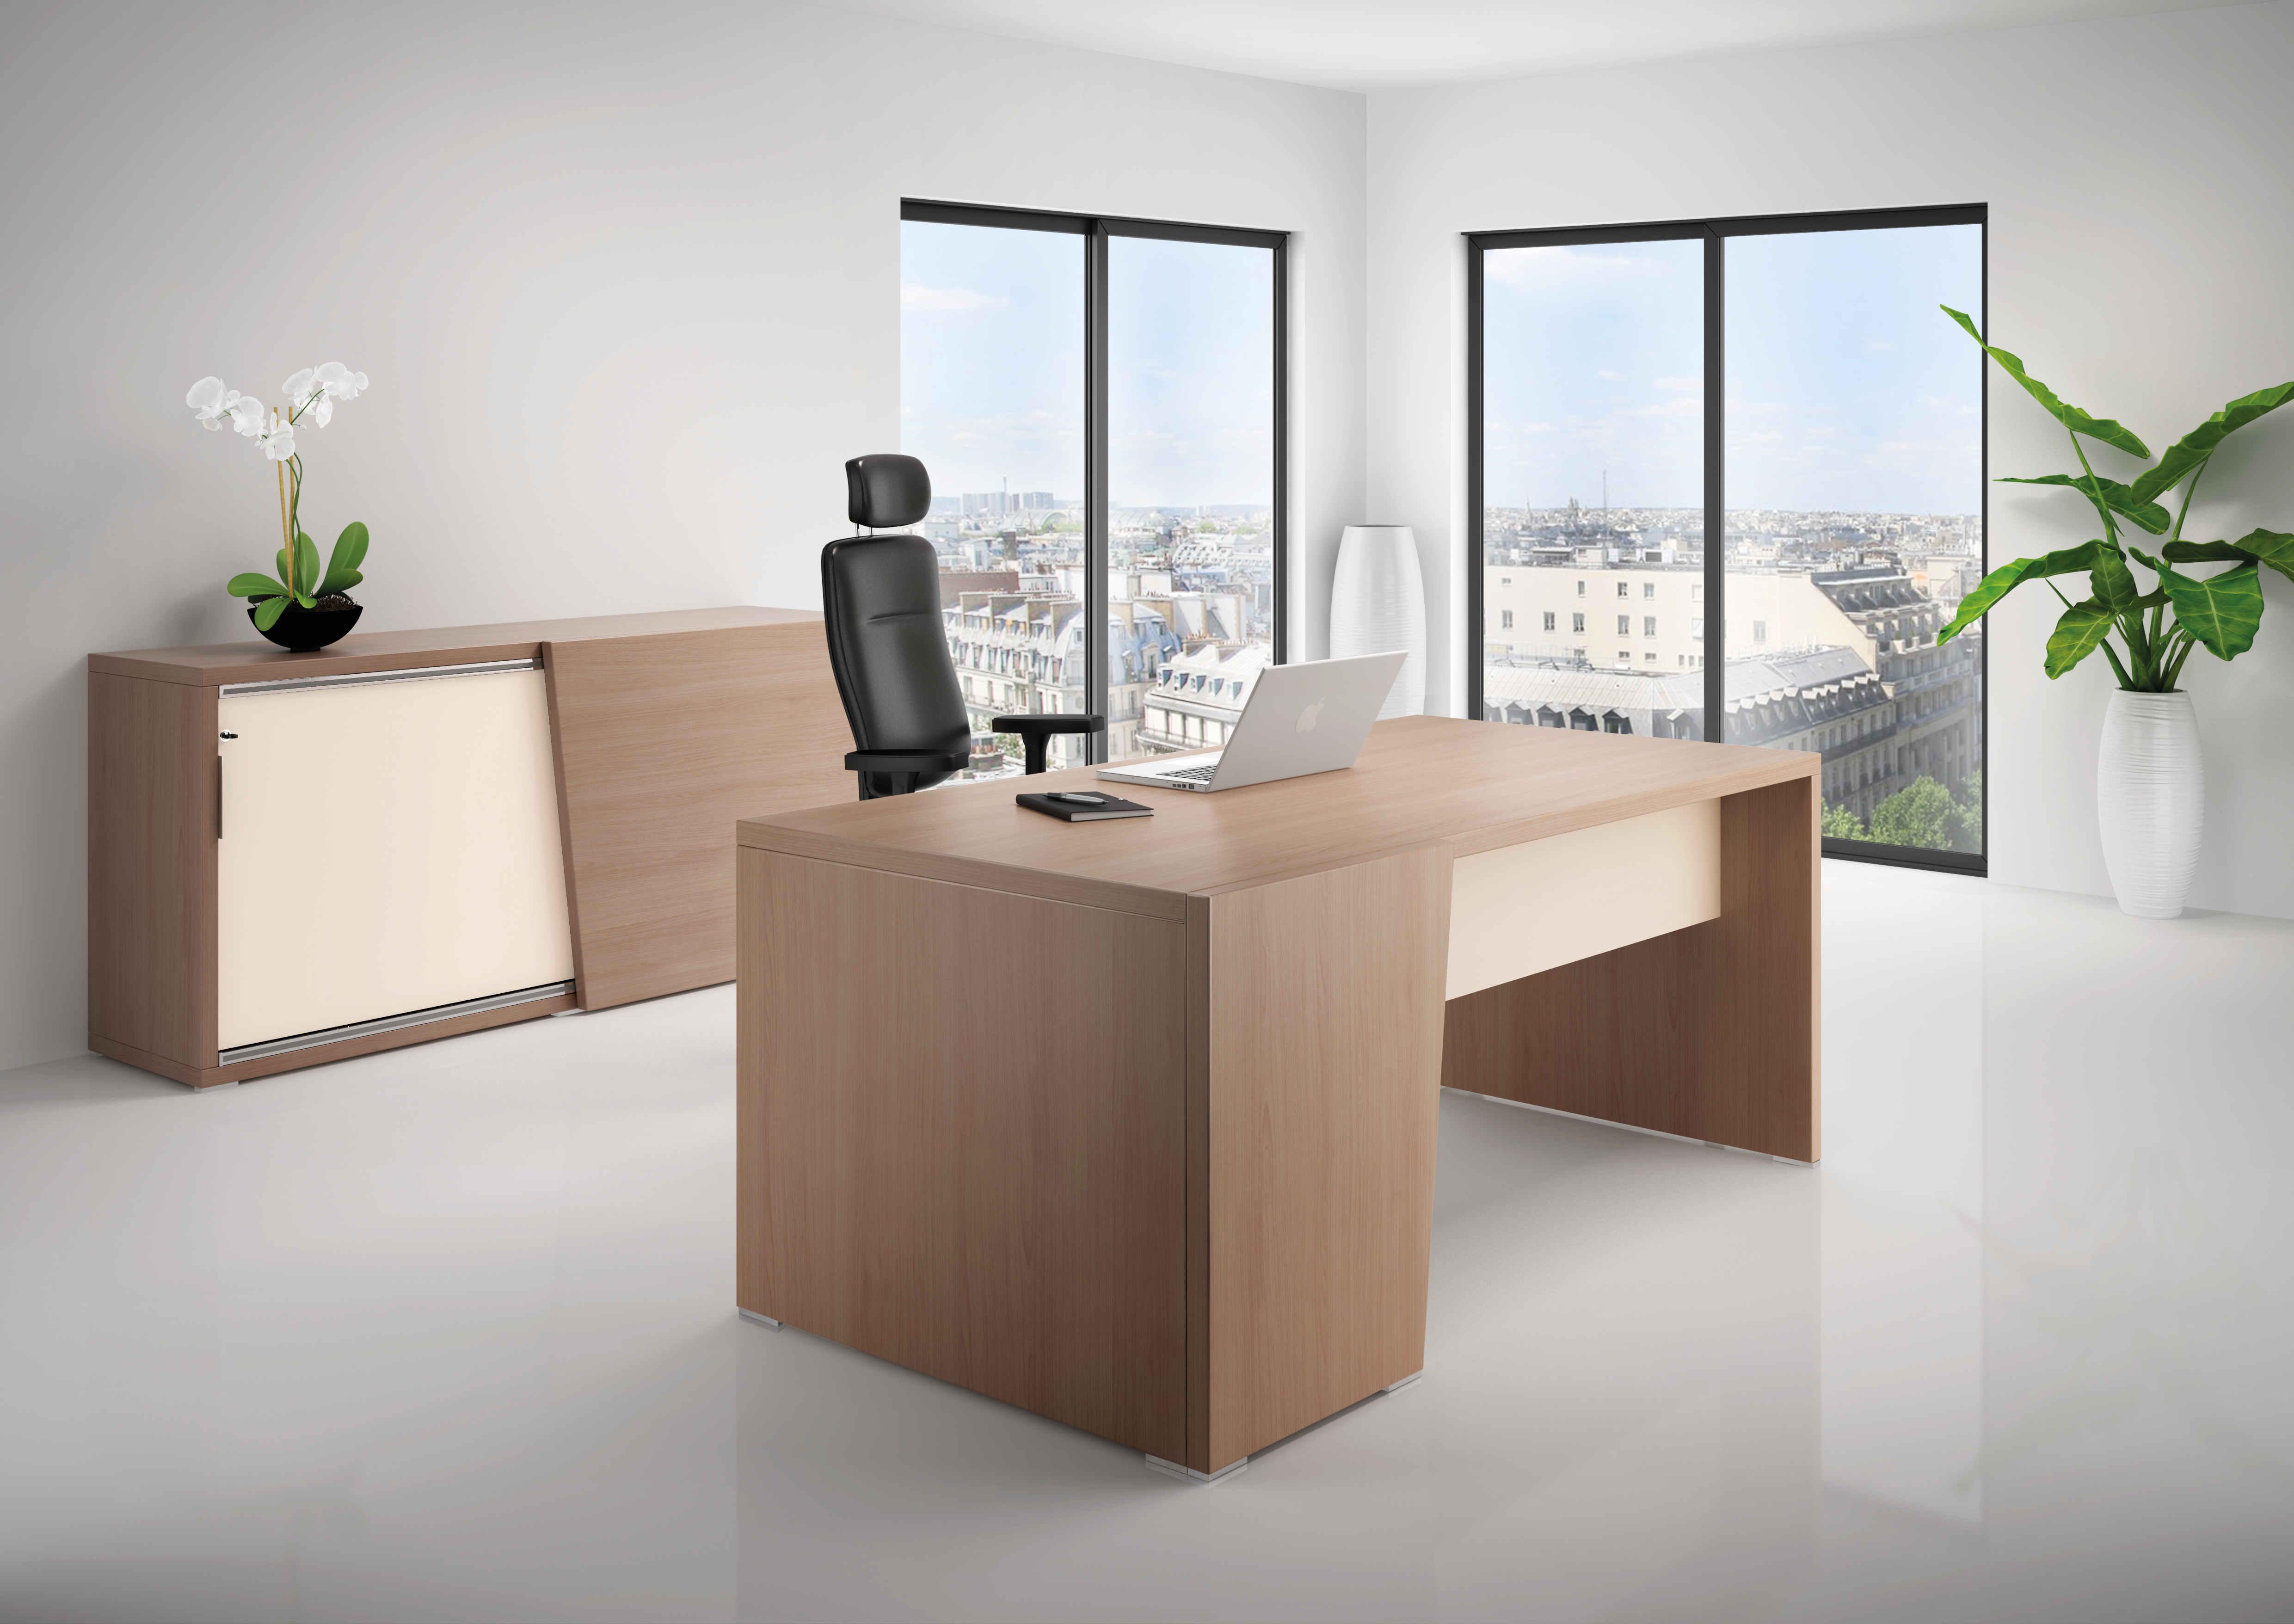 Un nouveau partenariat easterngraphics et buronomic - Destockage mobilier de bureau professionnel ...